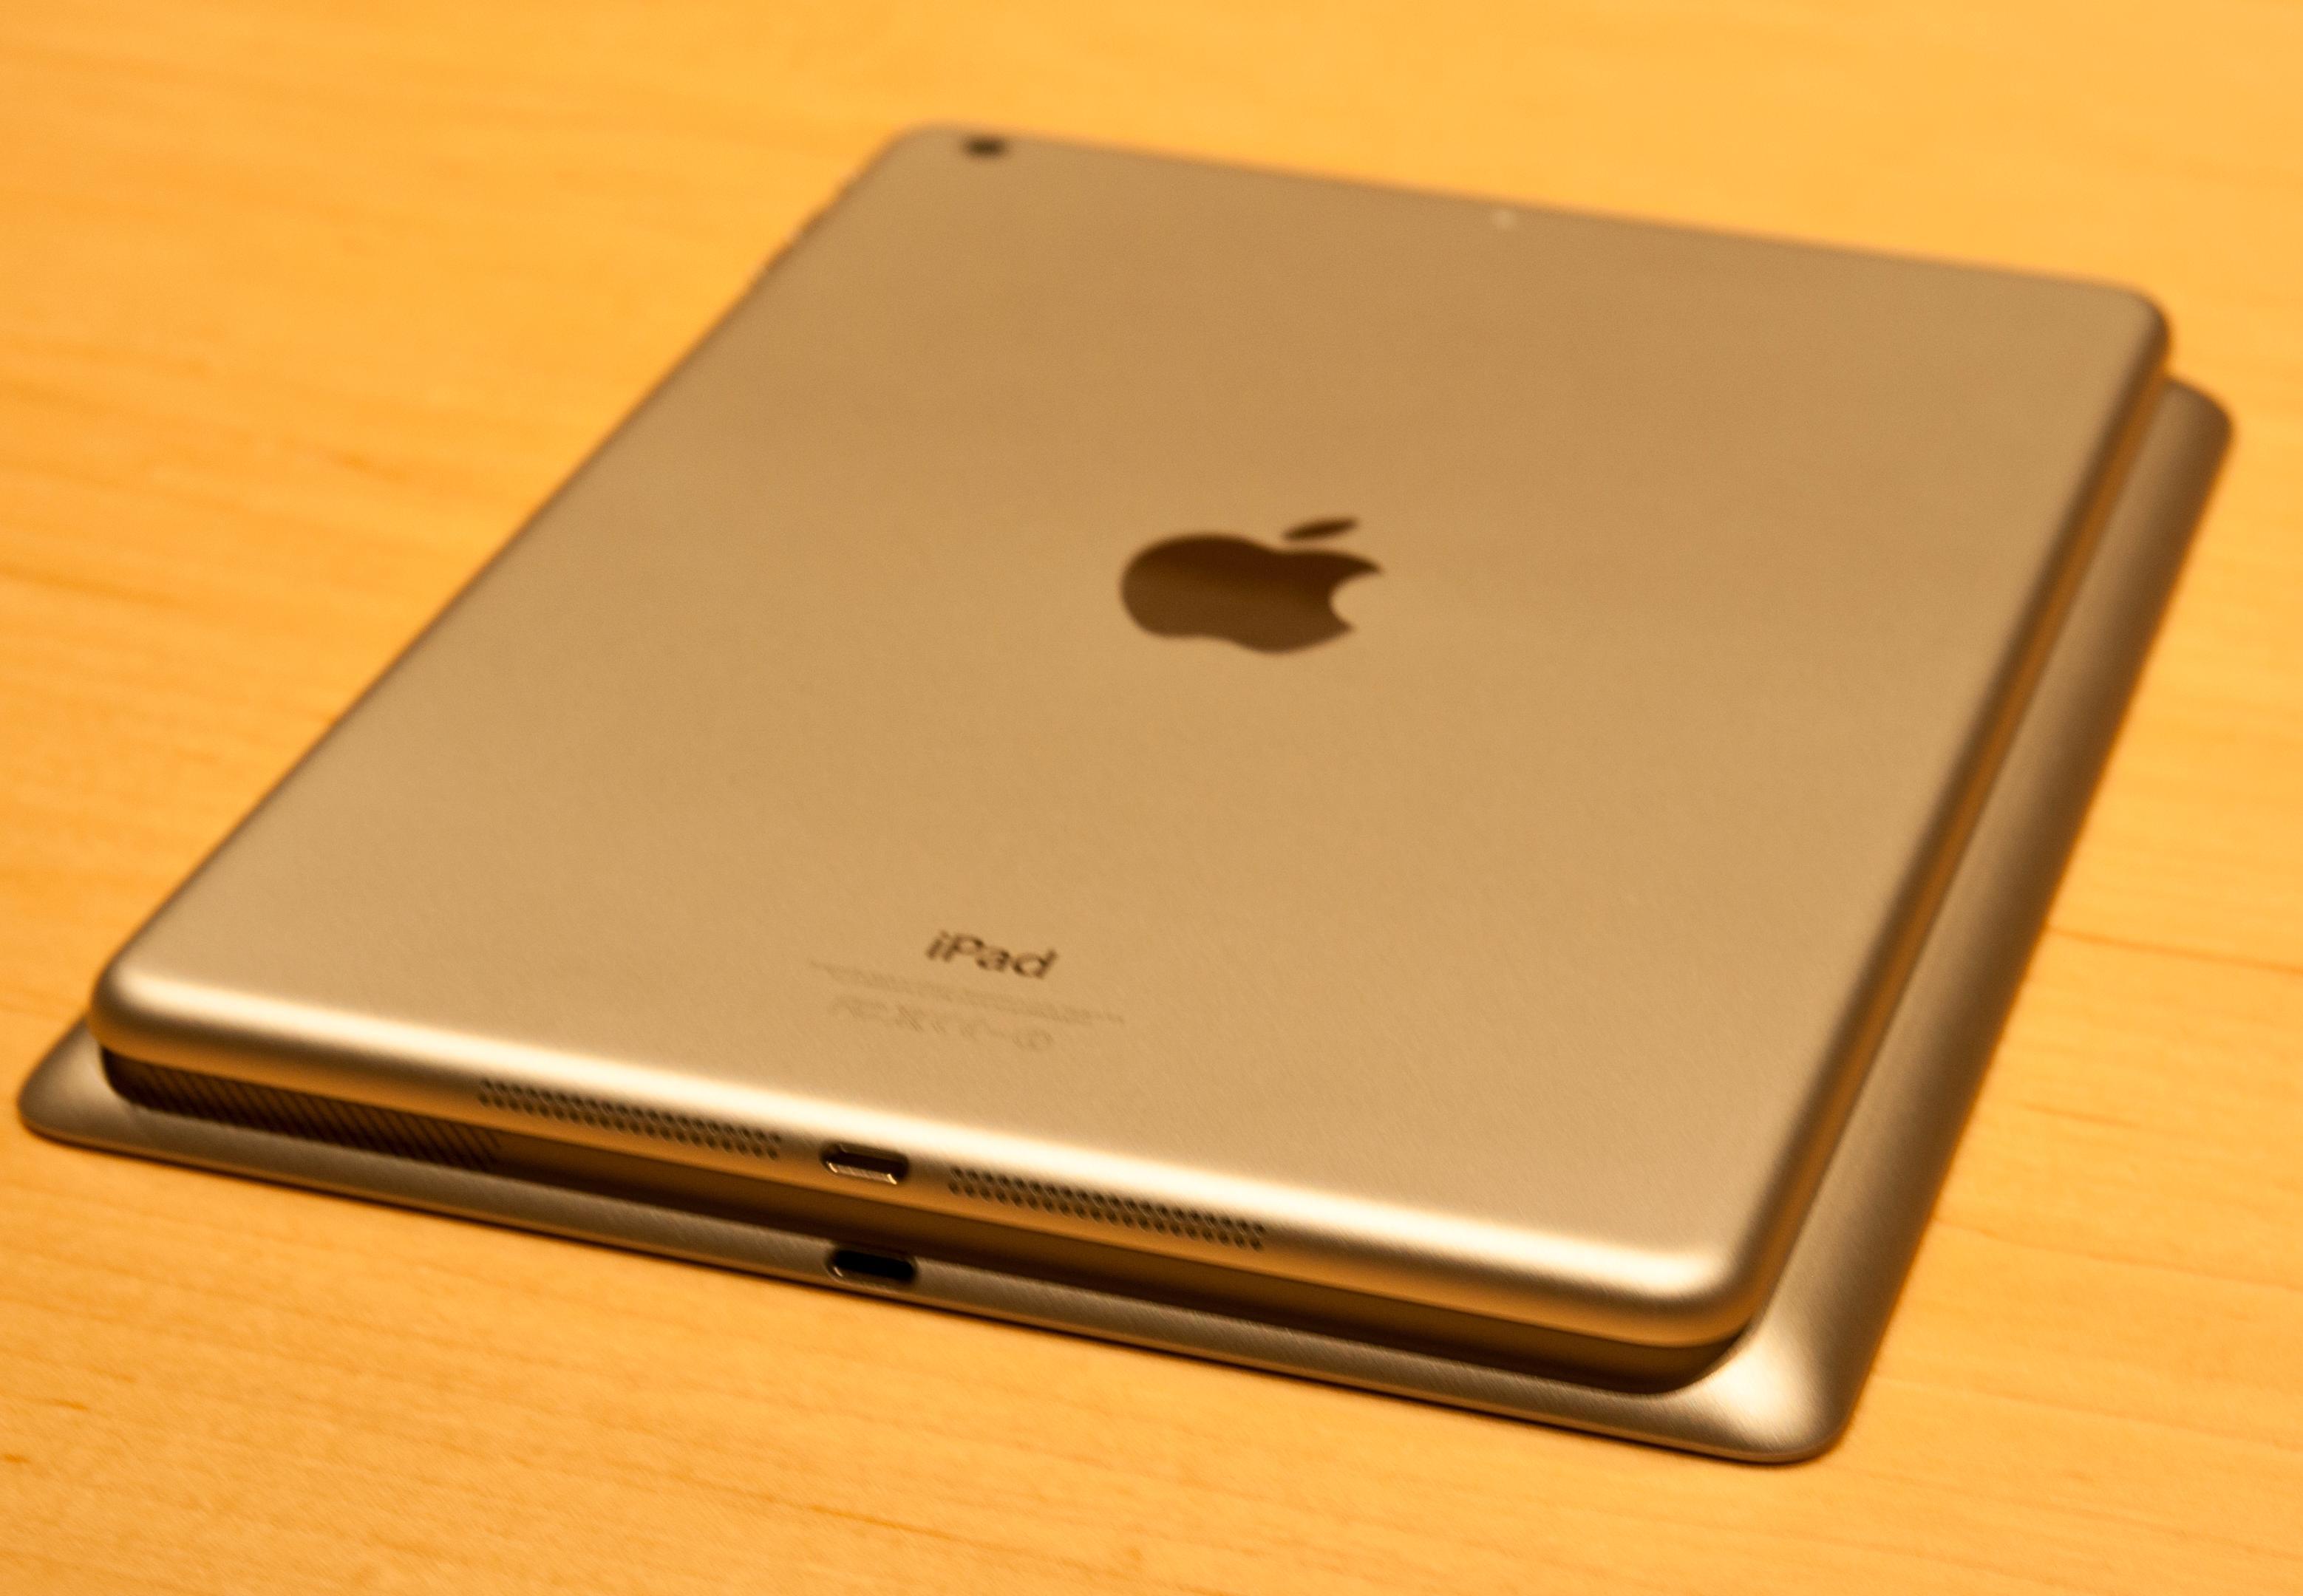 iPad Air på ryggen til 4.generasjon iPad. Volumet er redusert med 24 prosent.Foto: Espen Irwing Swang, Amobil.no